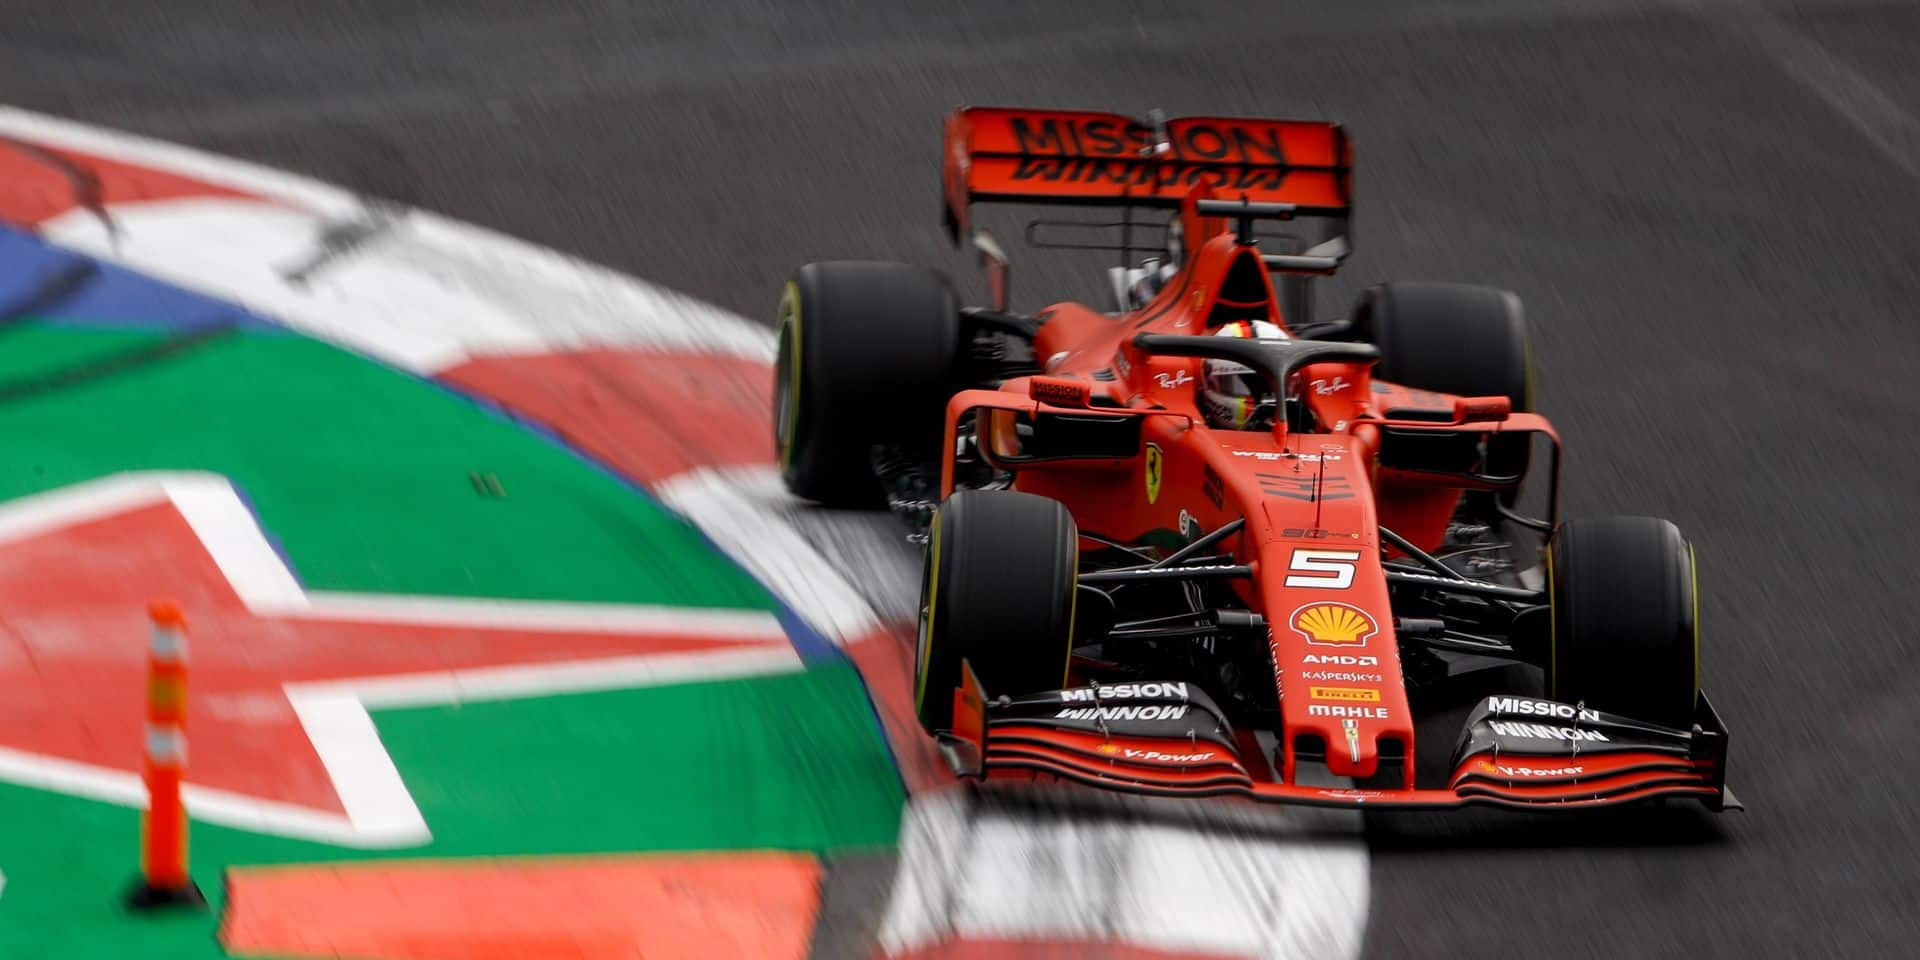 F1 : Vettel le plus rapide lors de la deuxième séance d'essais libres au Mexique